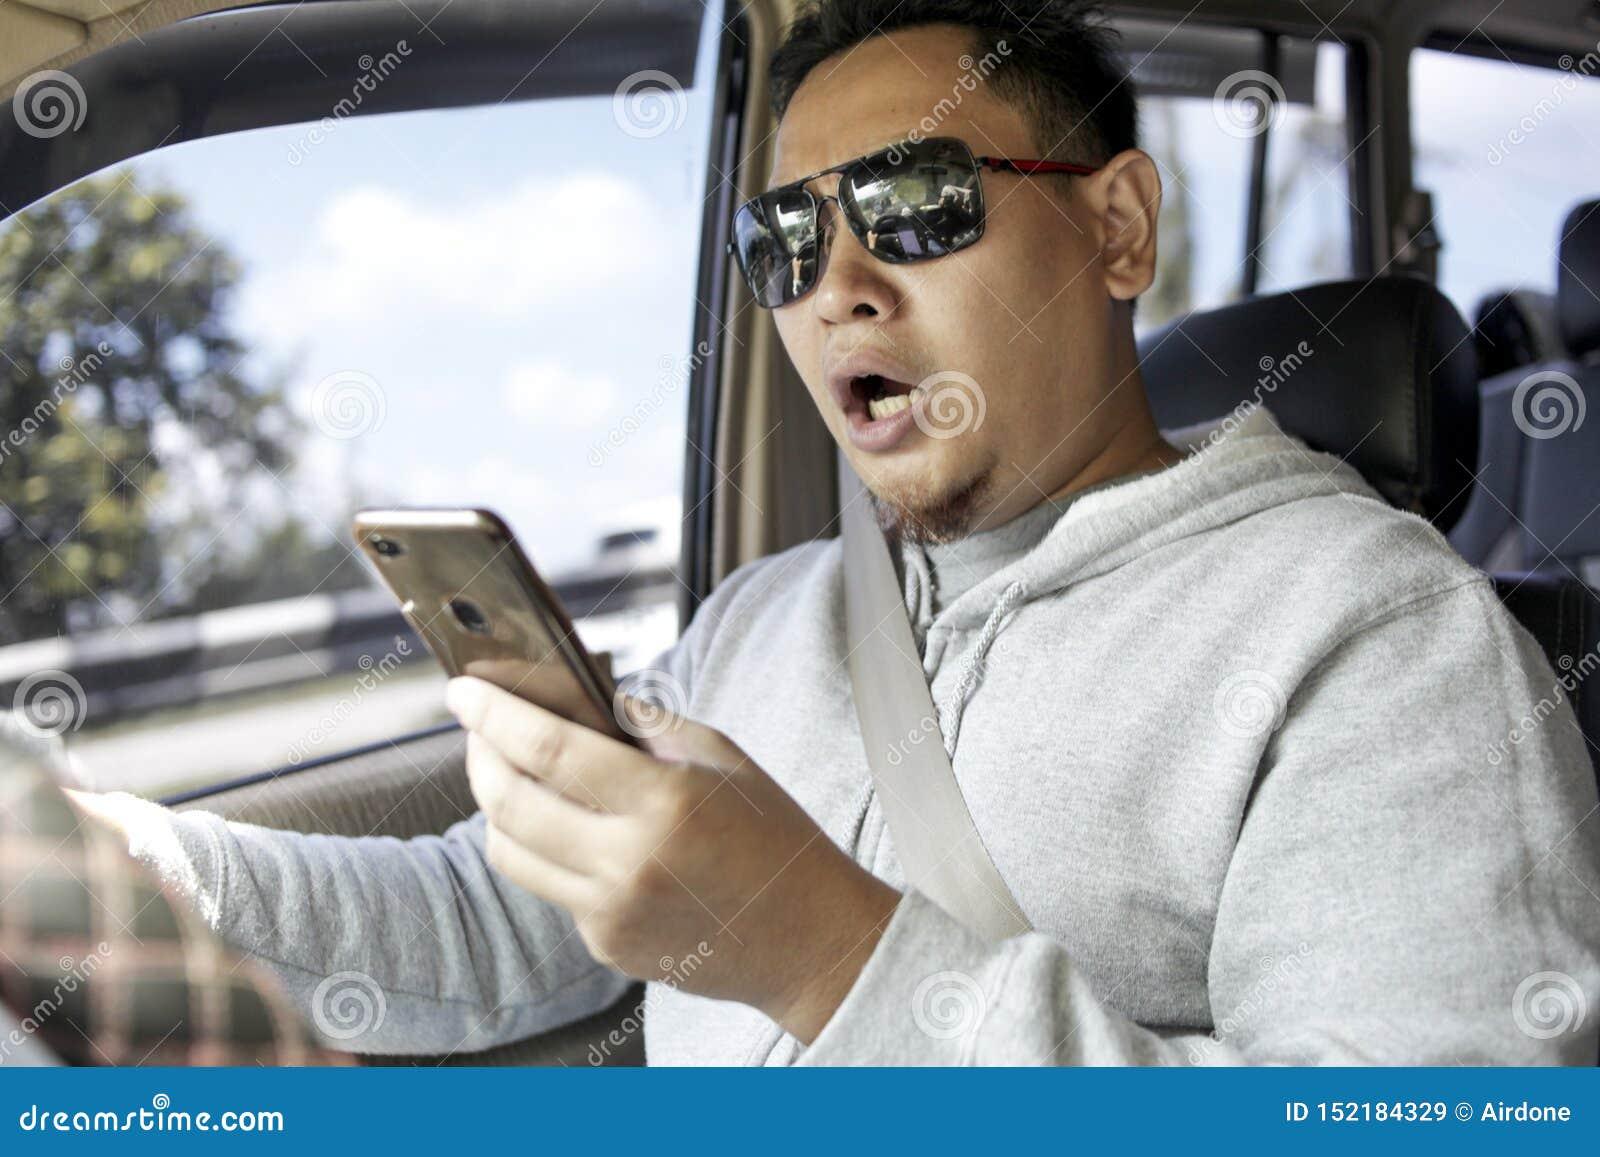 Mannelijke Bestuurder Reading Message op Smartphone terwijl het Drijven van een Auto